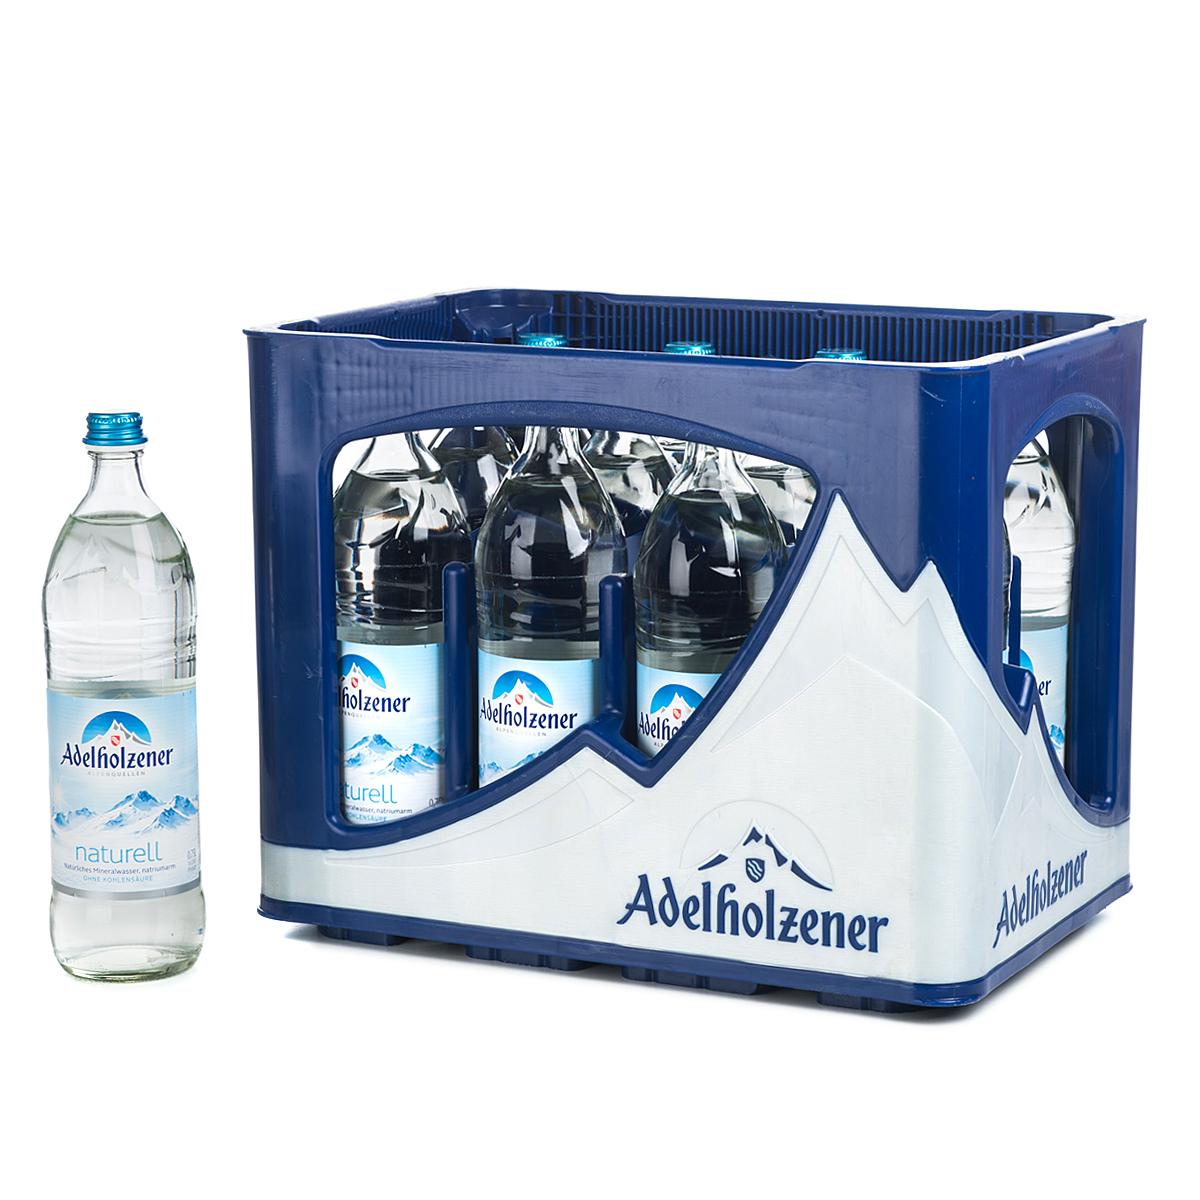 Wasser beim Getränke Lieferservice | getraenkedienst.com